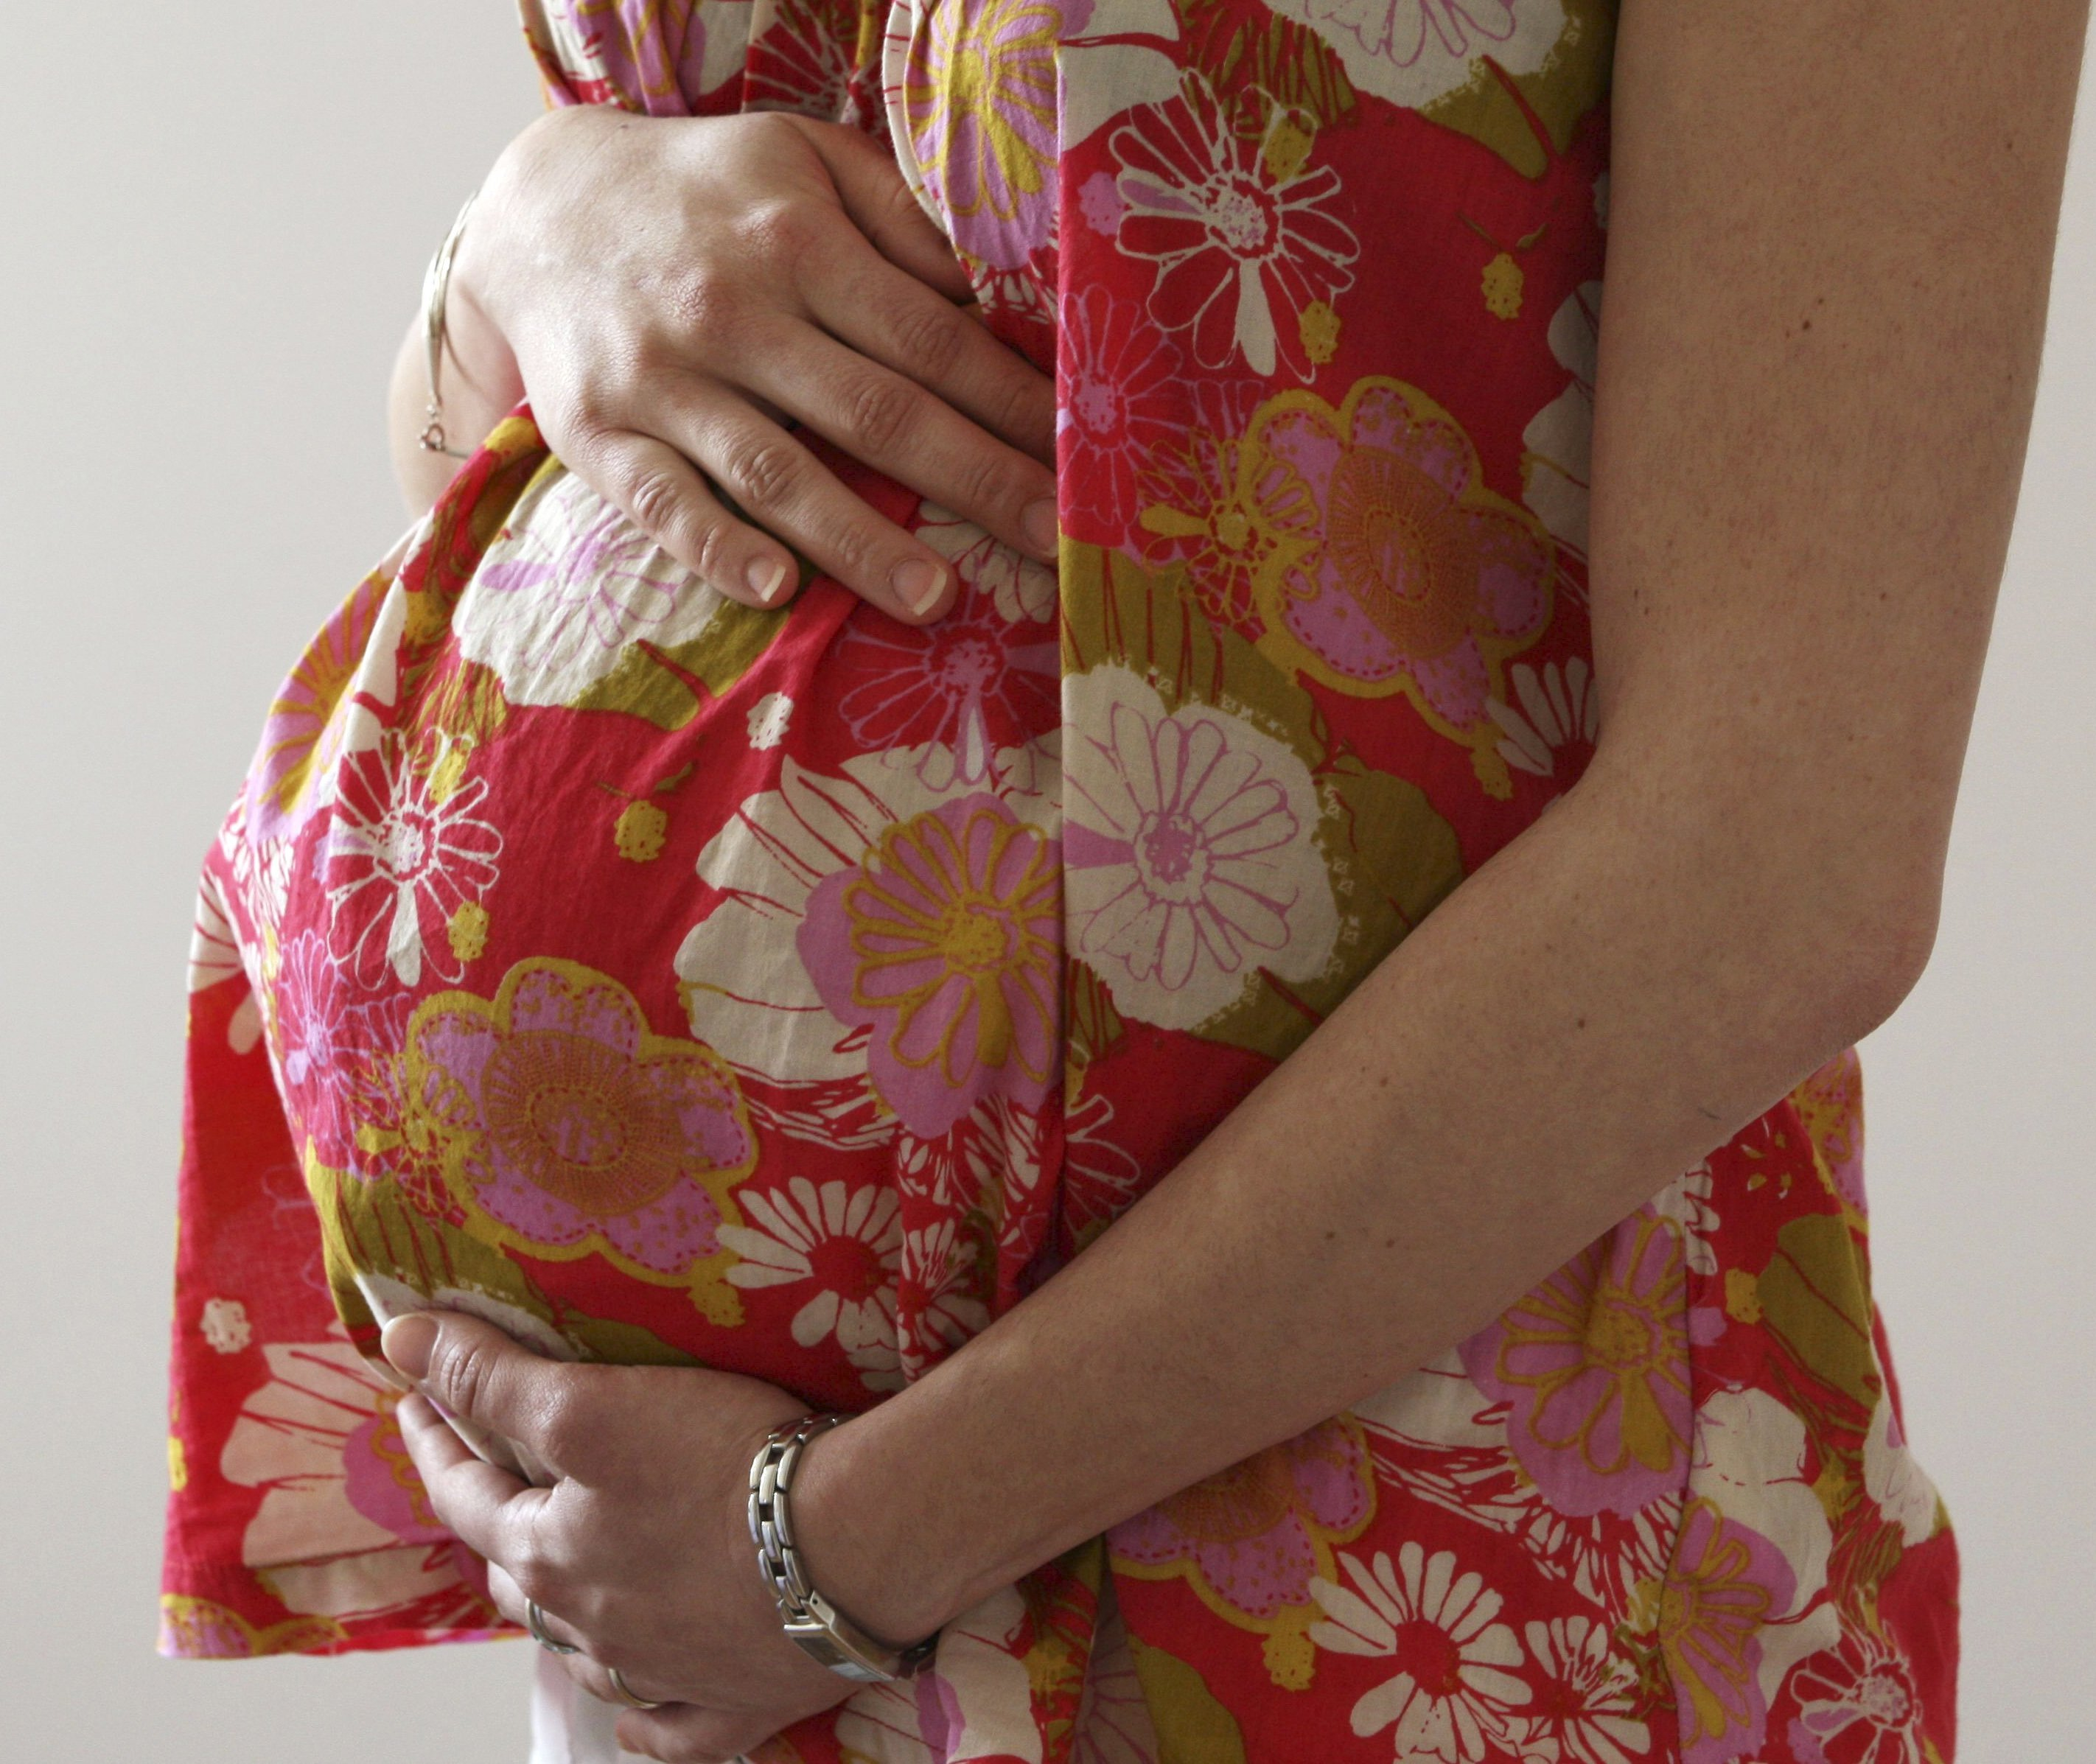 Curiozitati despre sarcina!